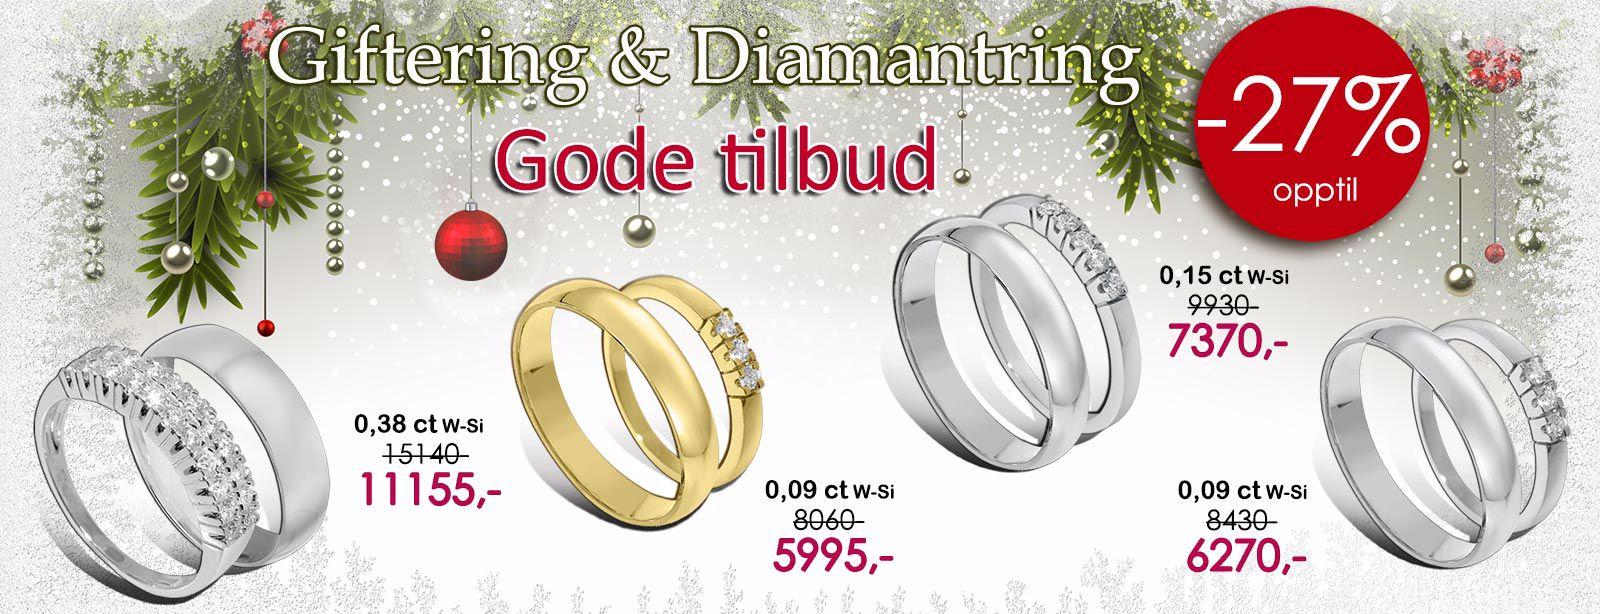 orest giftering og diamantring